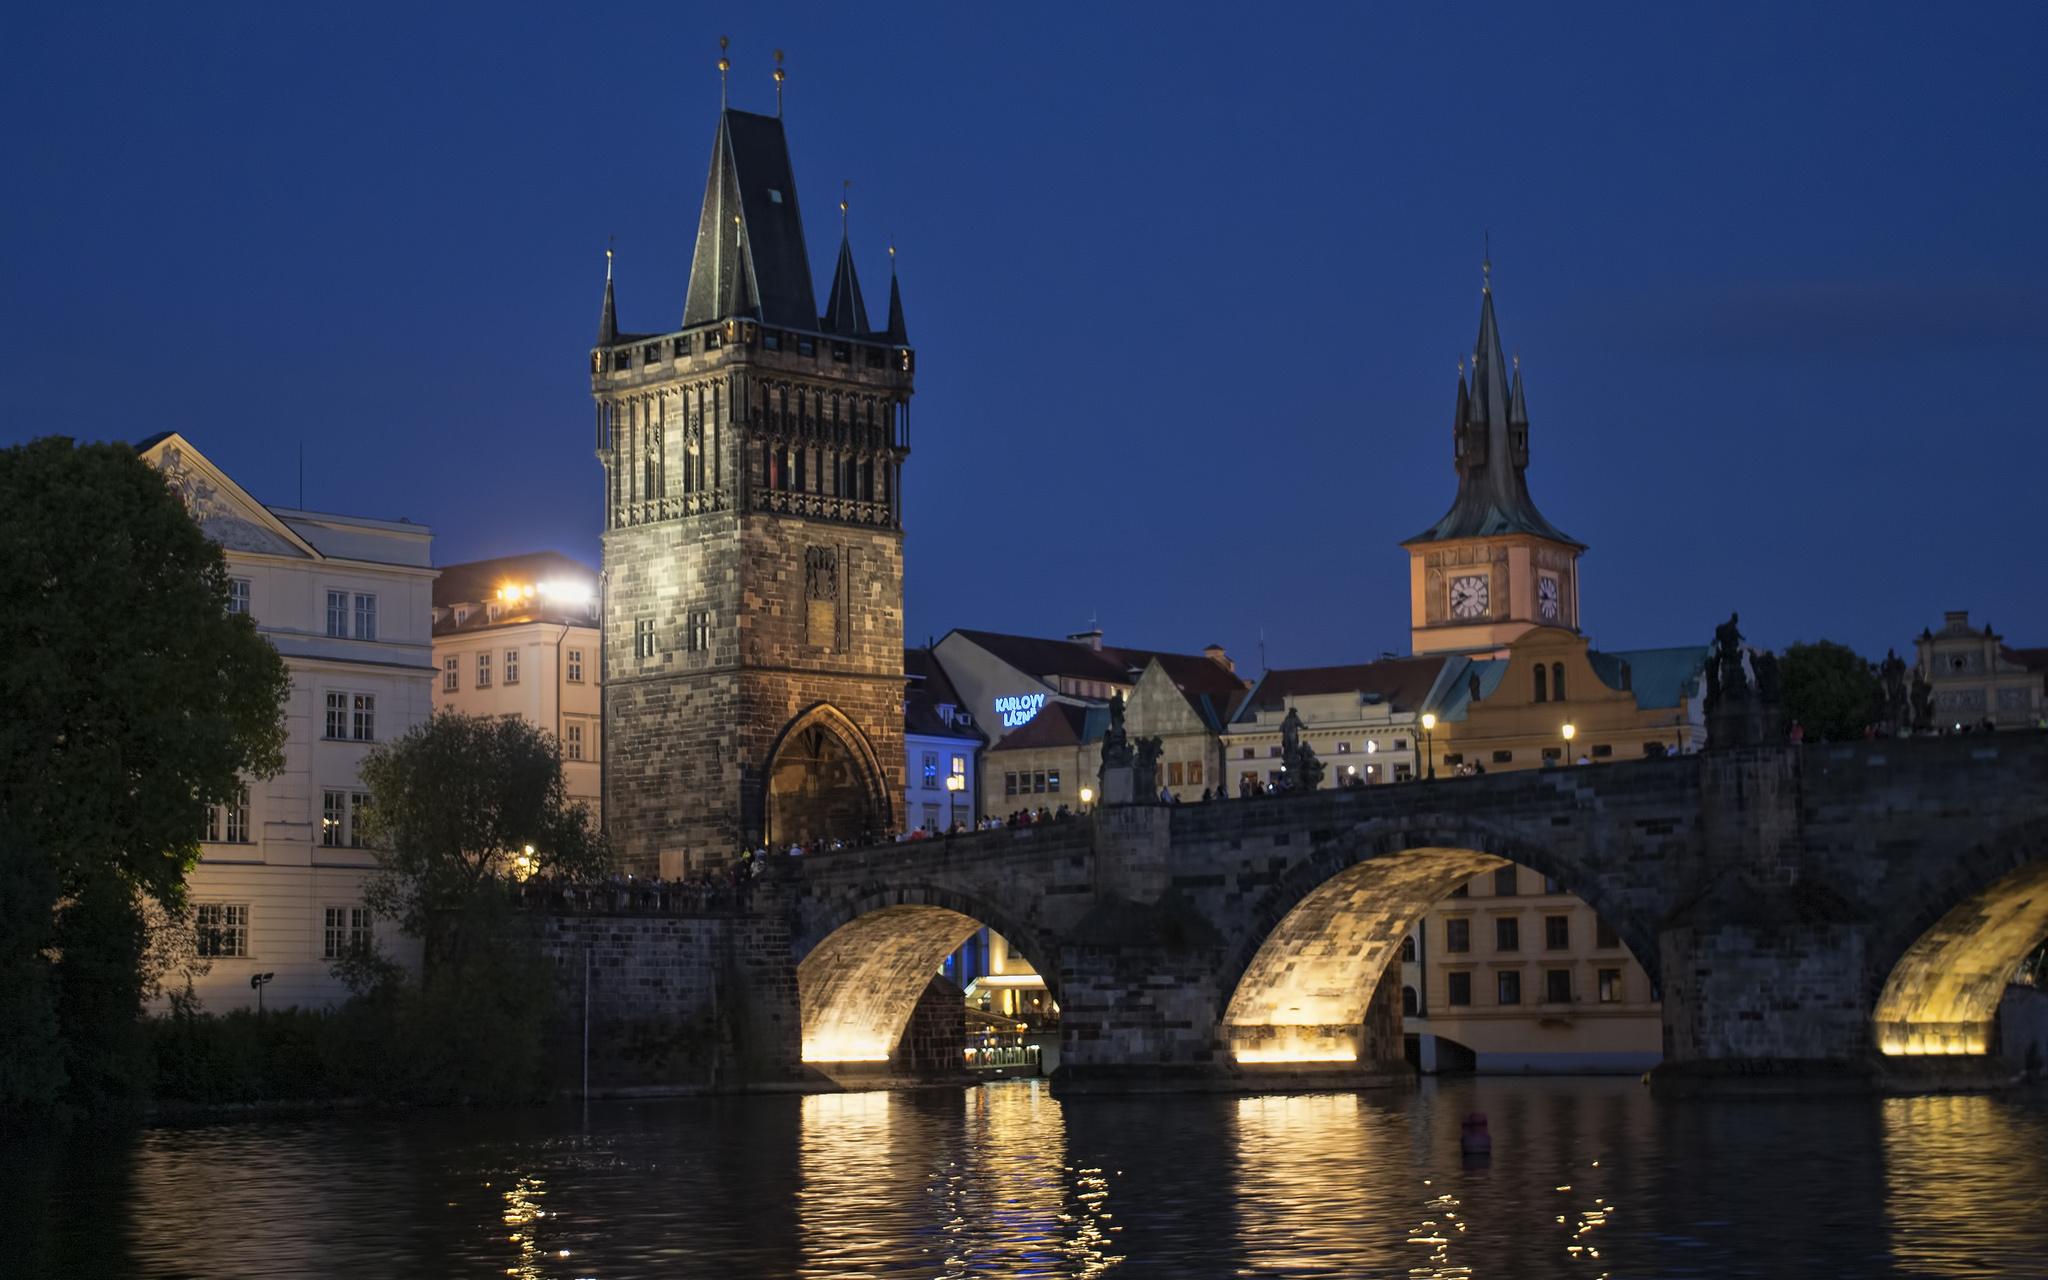 19. Staroměstská mostecká věž